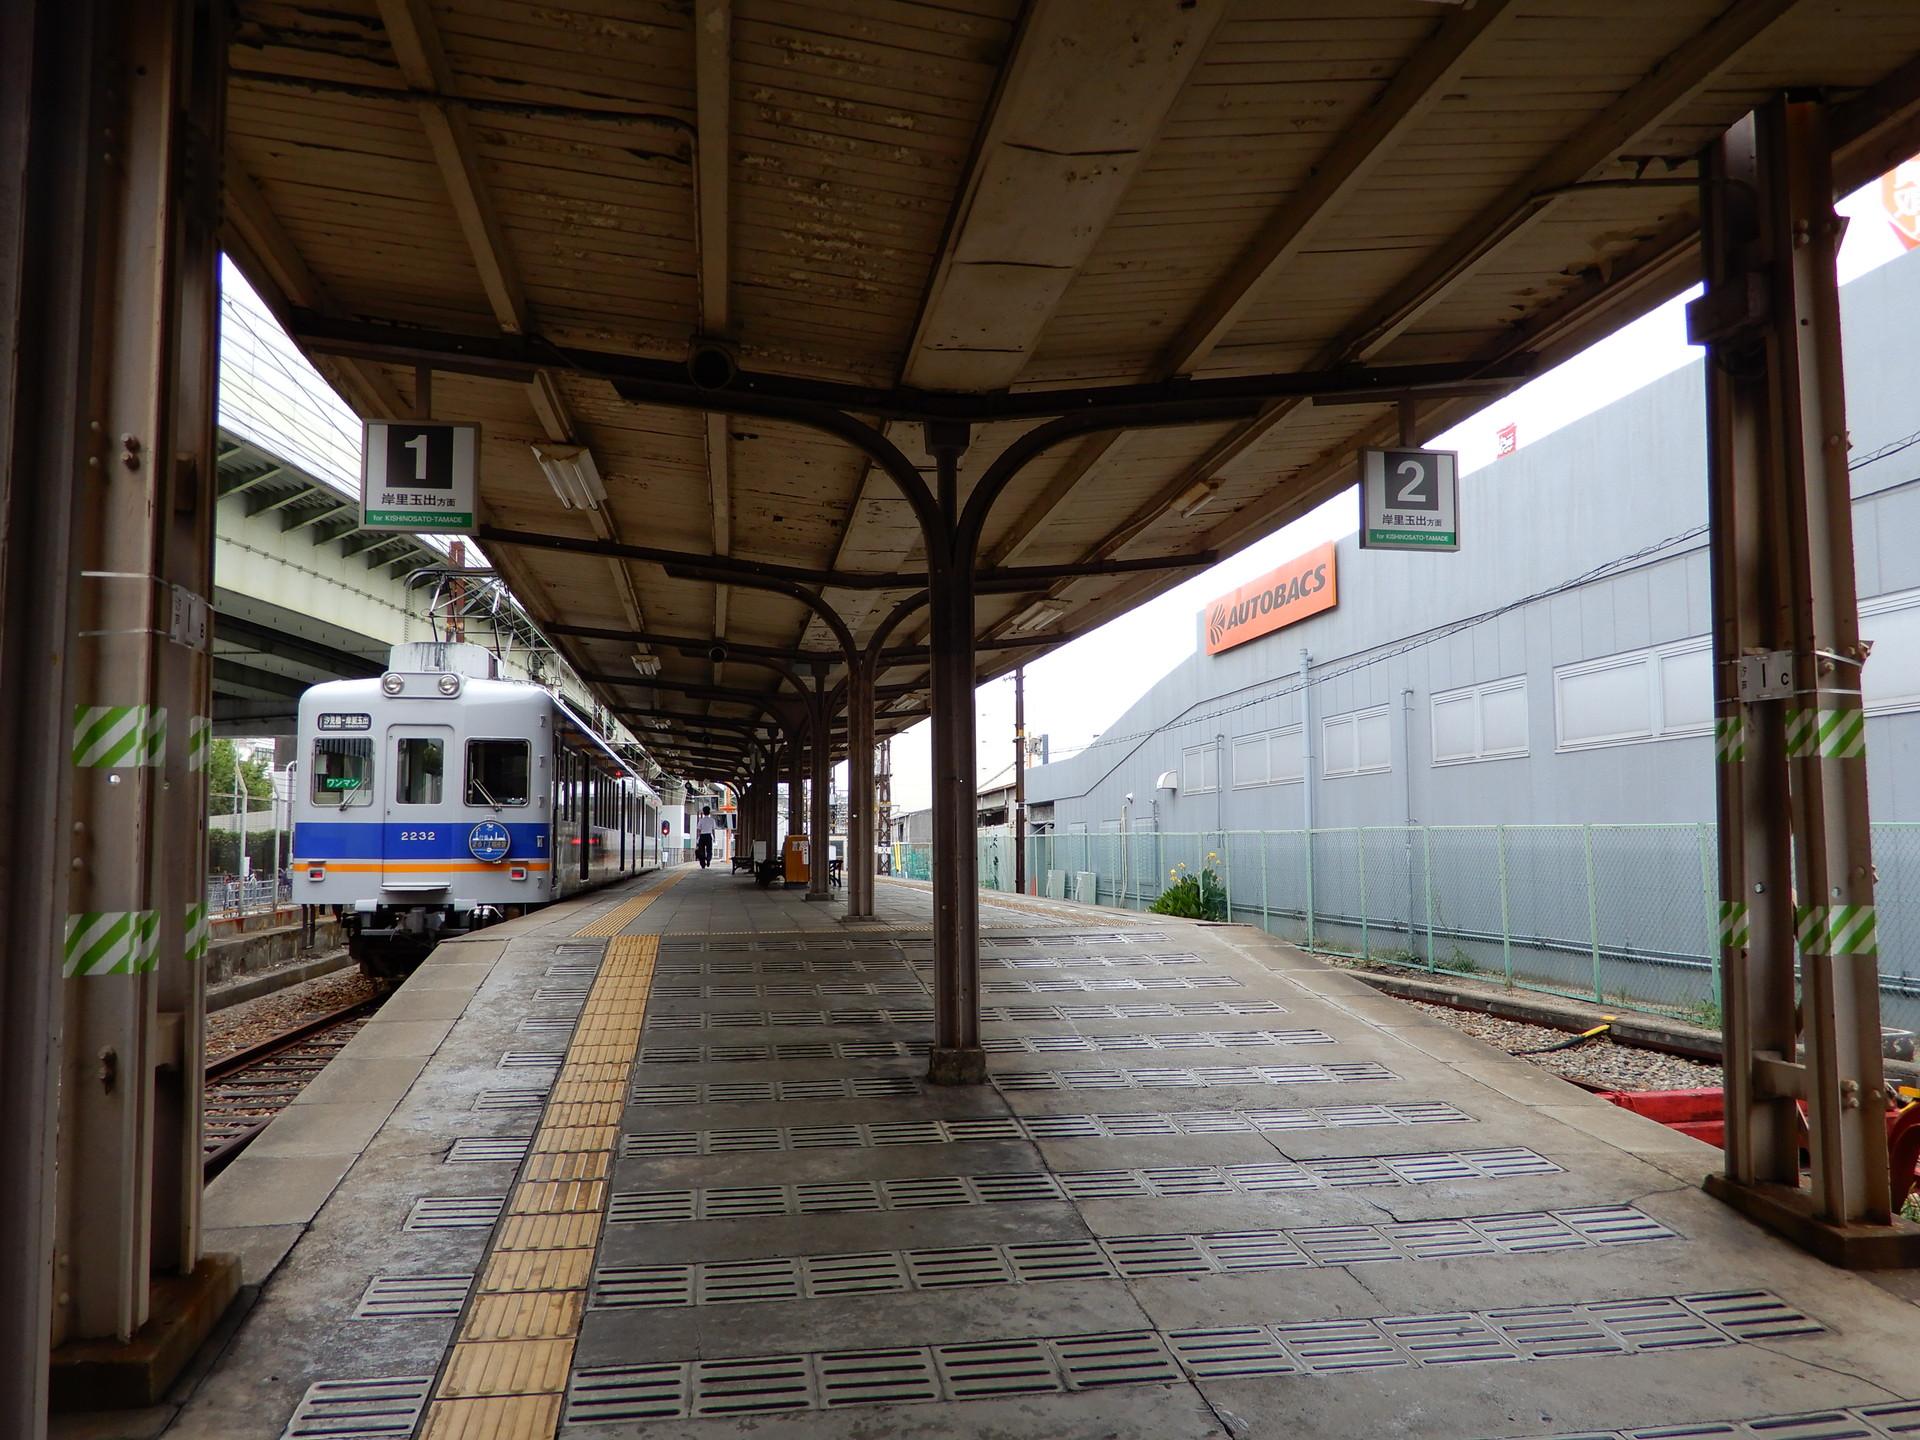 停車中の電車